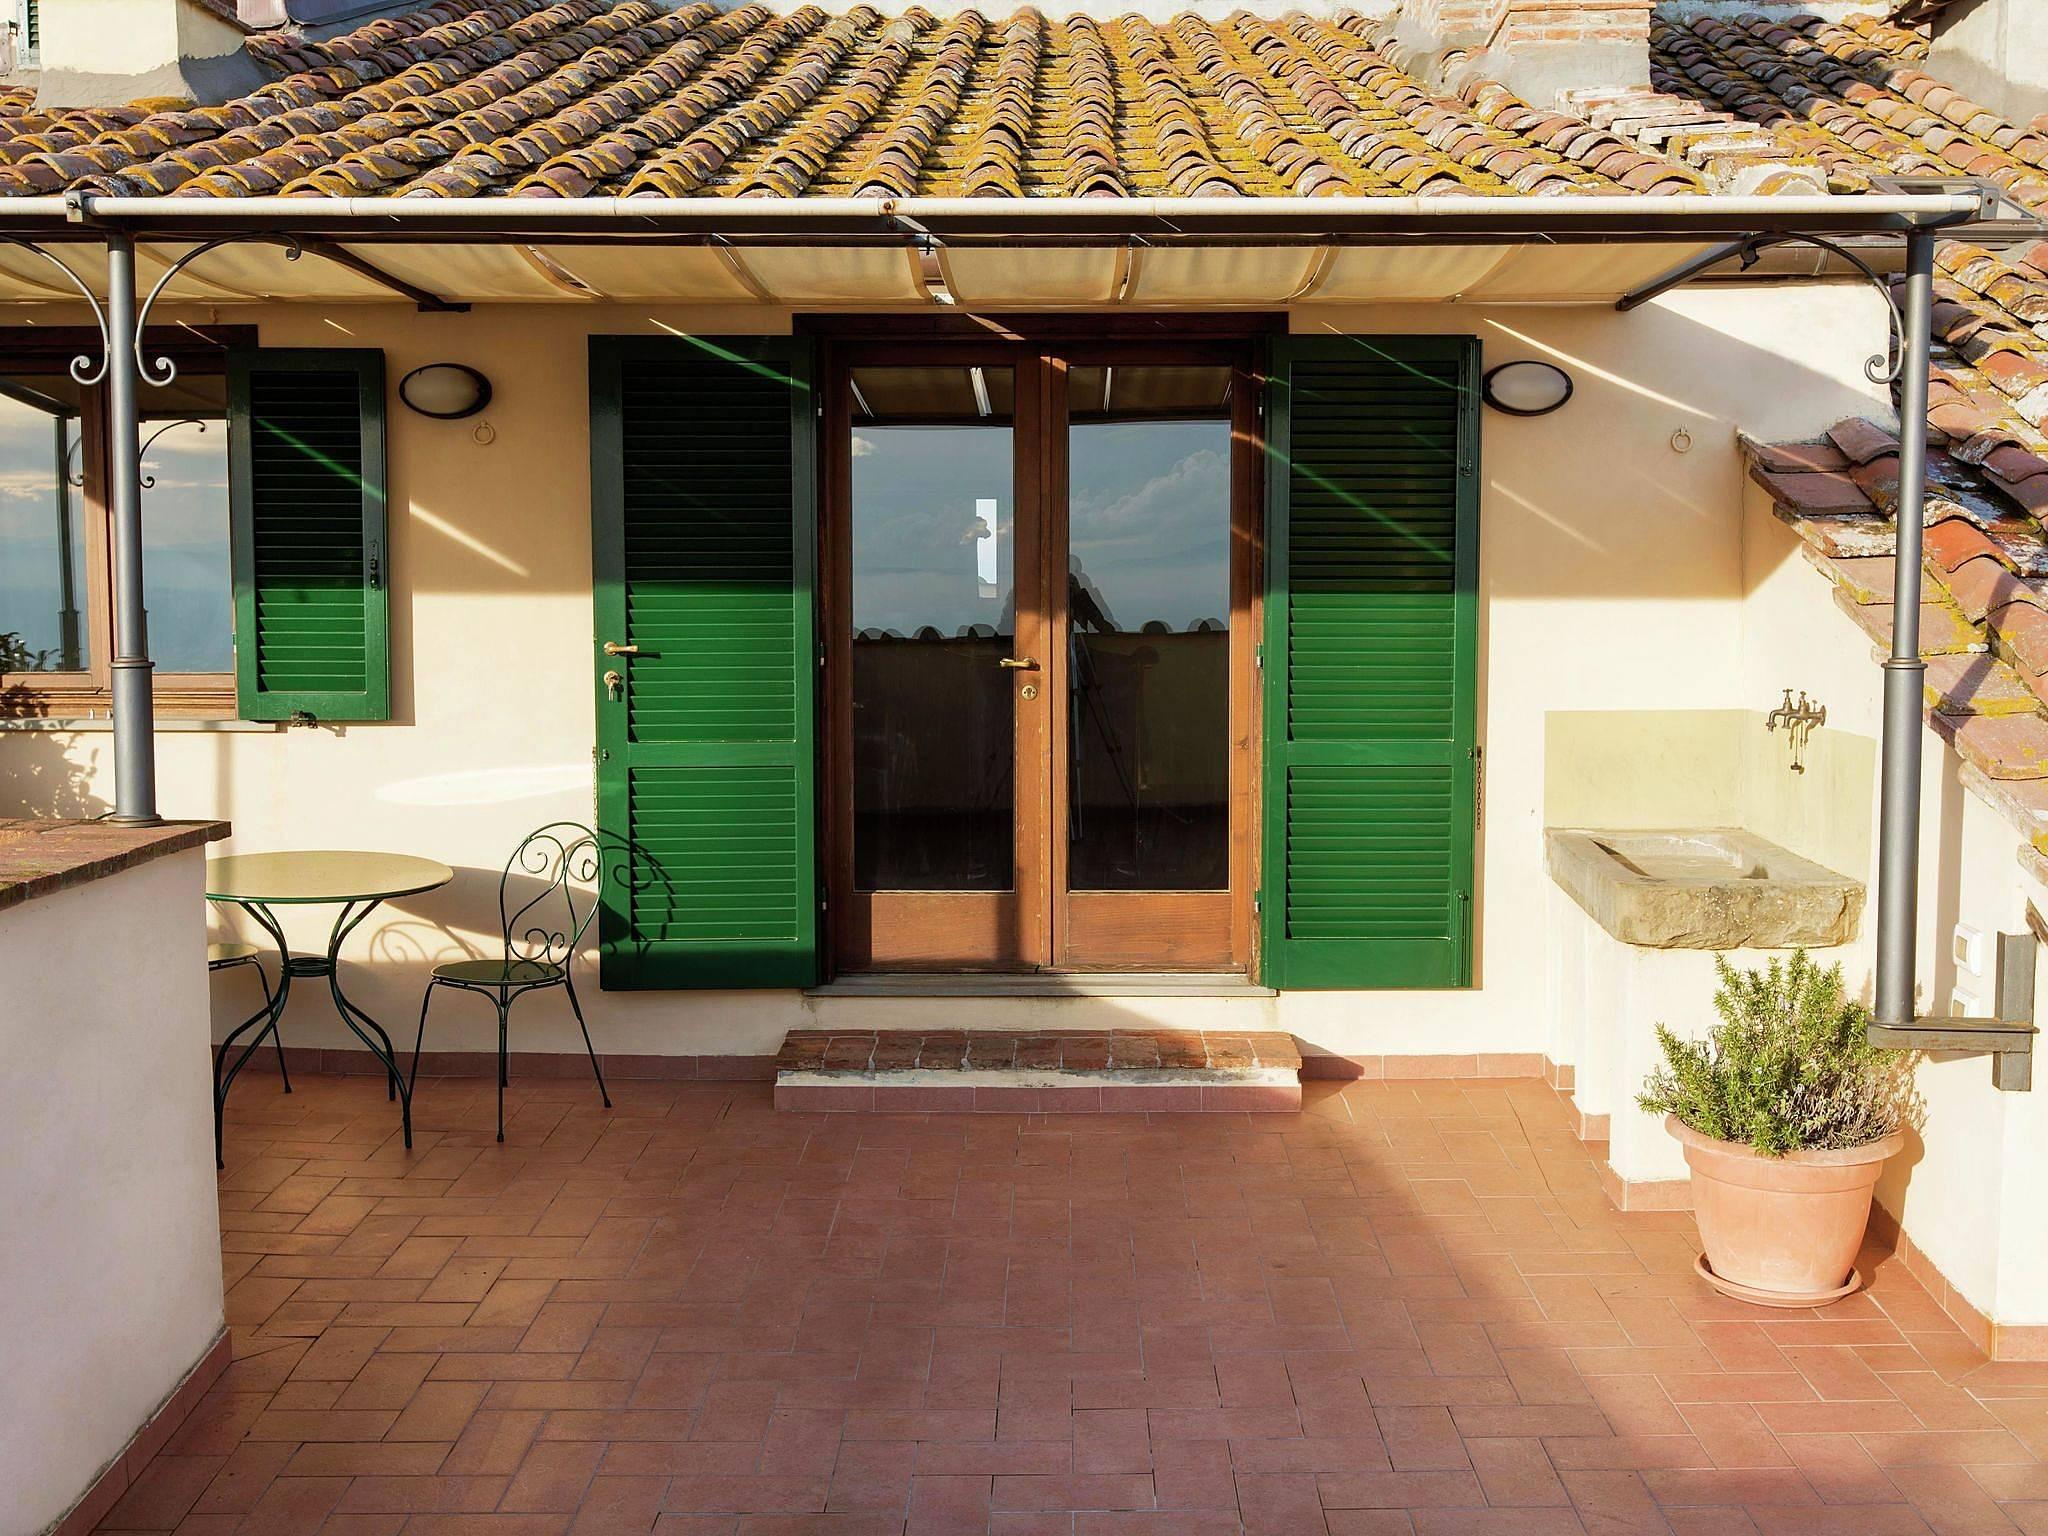 Wohnung zur miete in montecchio montecchio cortona for Suche wohnung zur miete